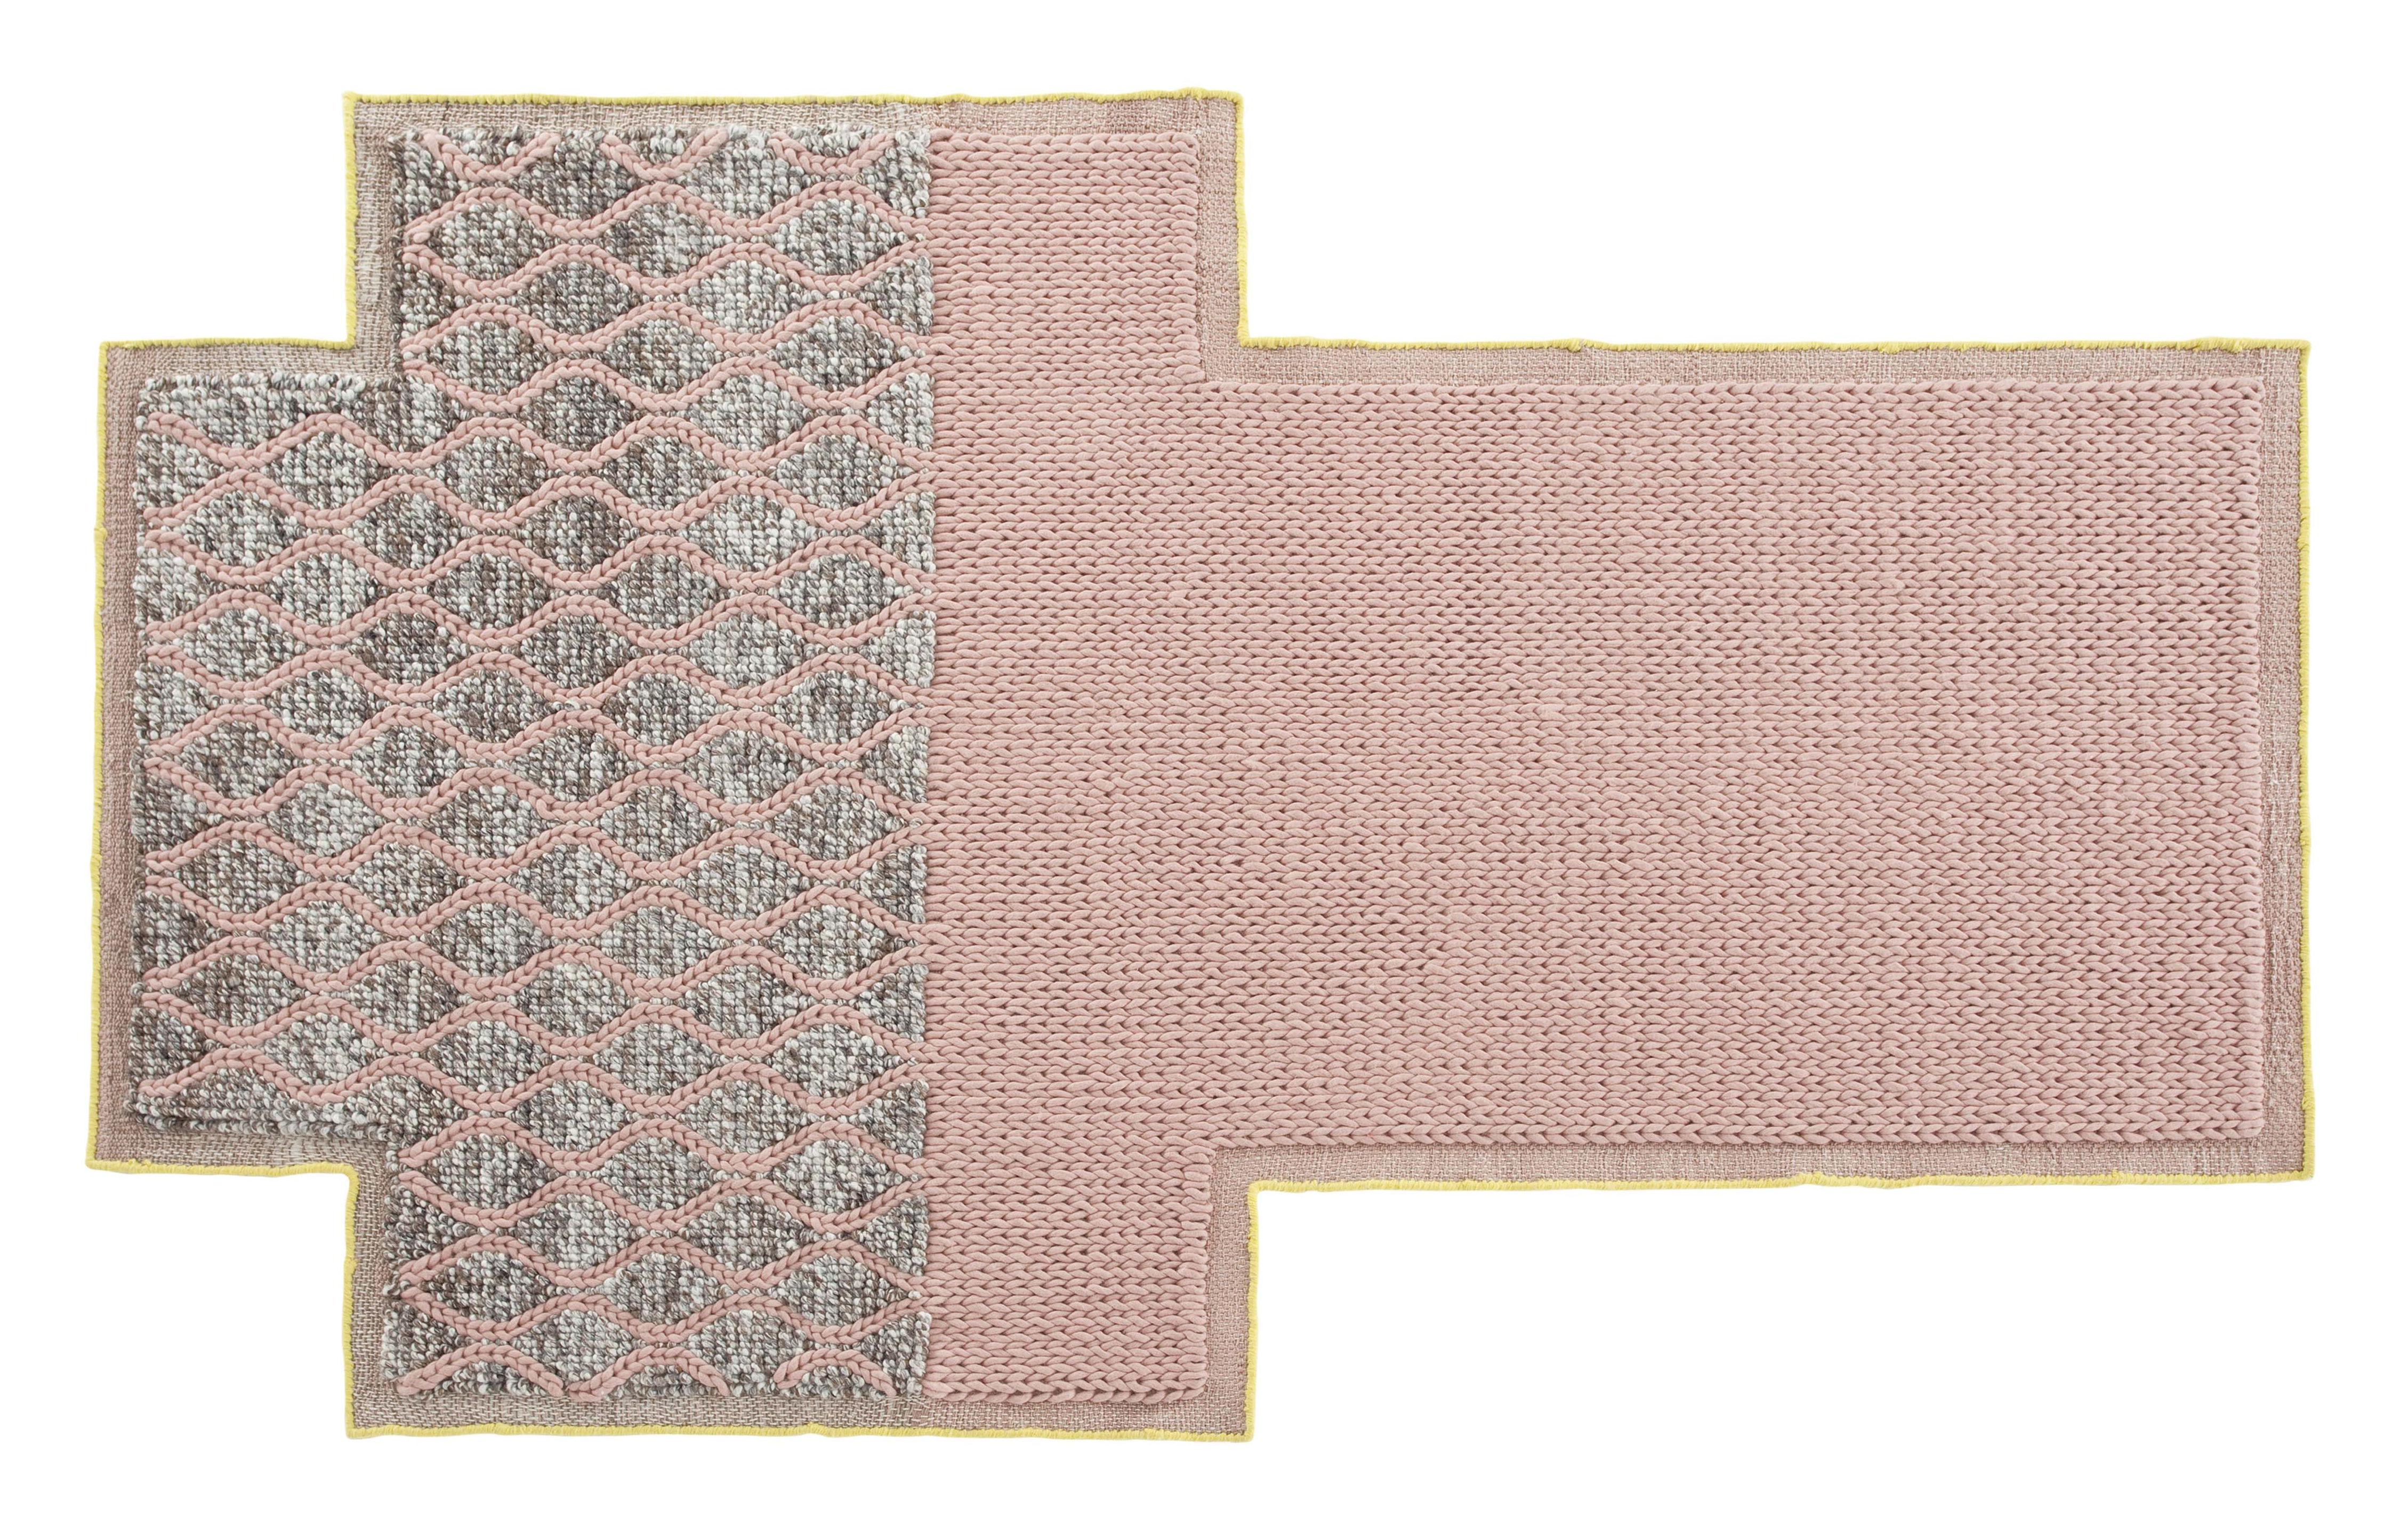 Dekoration - Teppiche - Mangas Space Rhombus Teppich / 250 x 160 cm - Gan - Rosa - Laine vierge